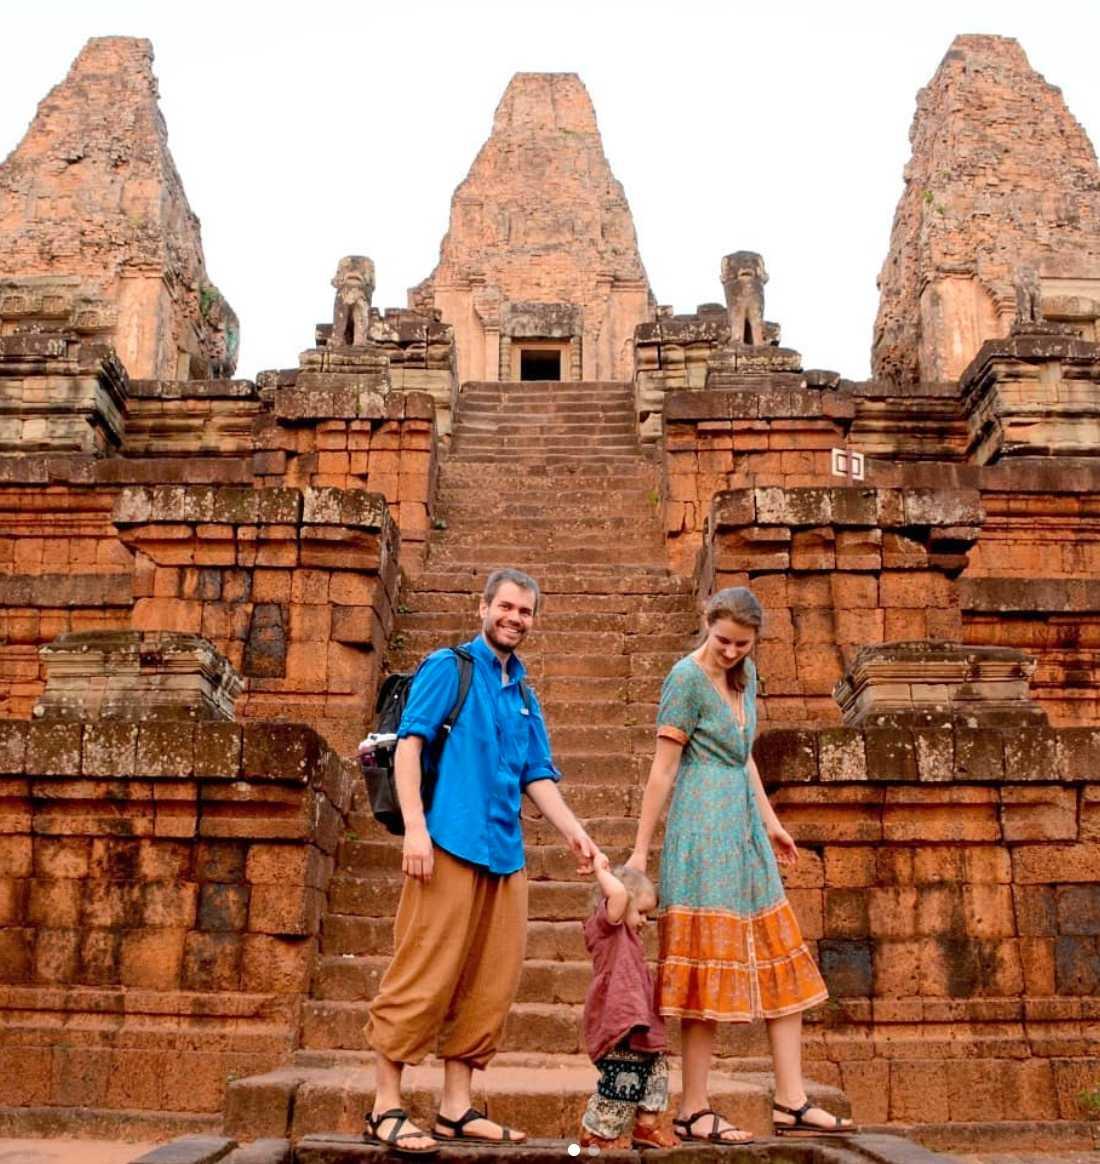 Ett tempel i Kambodja.